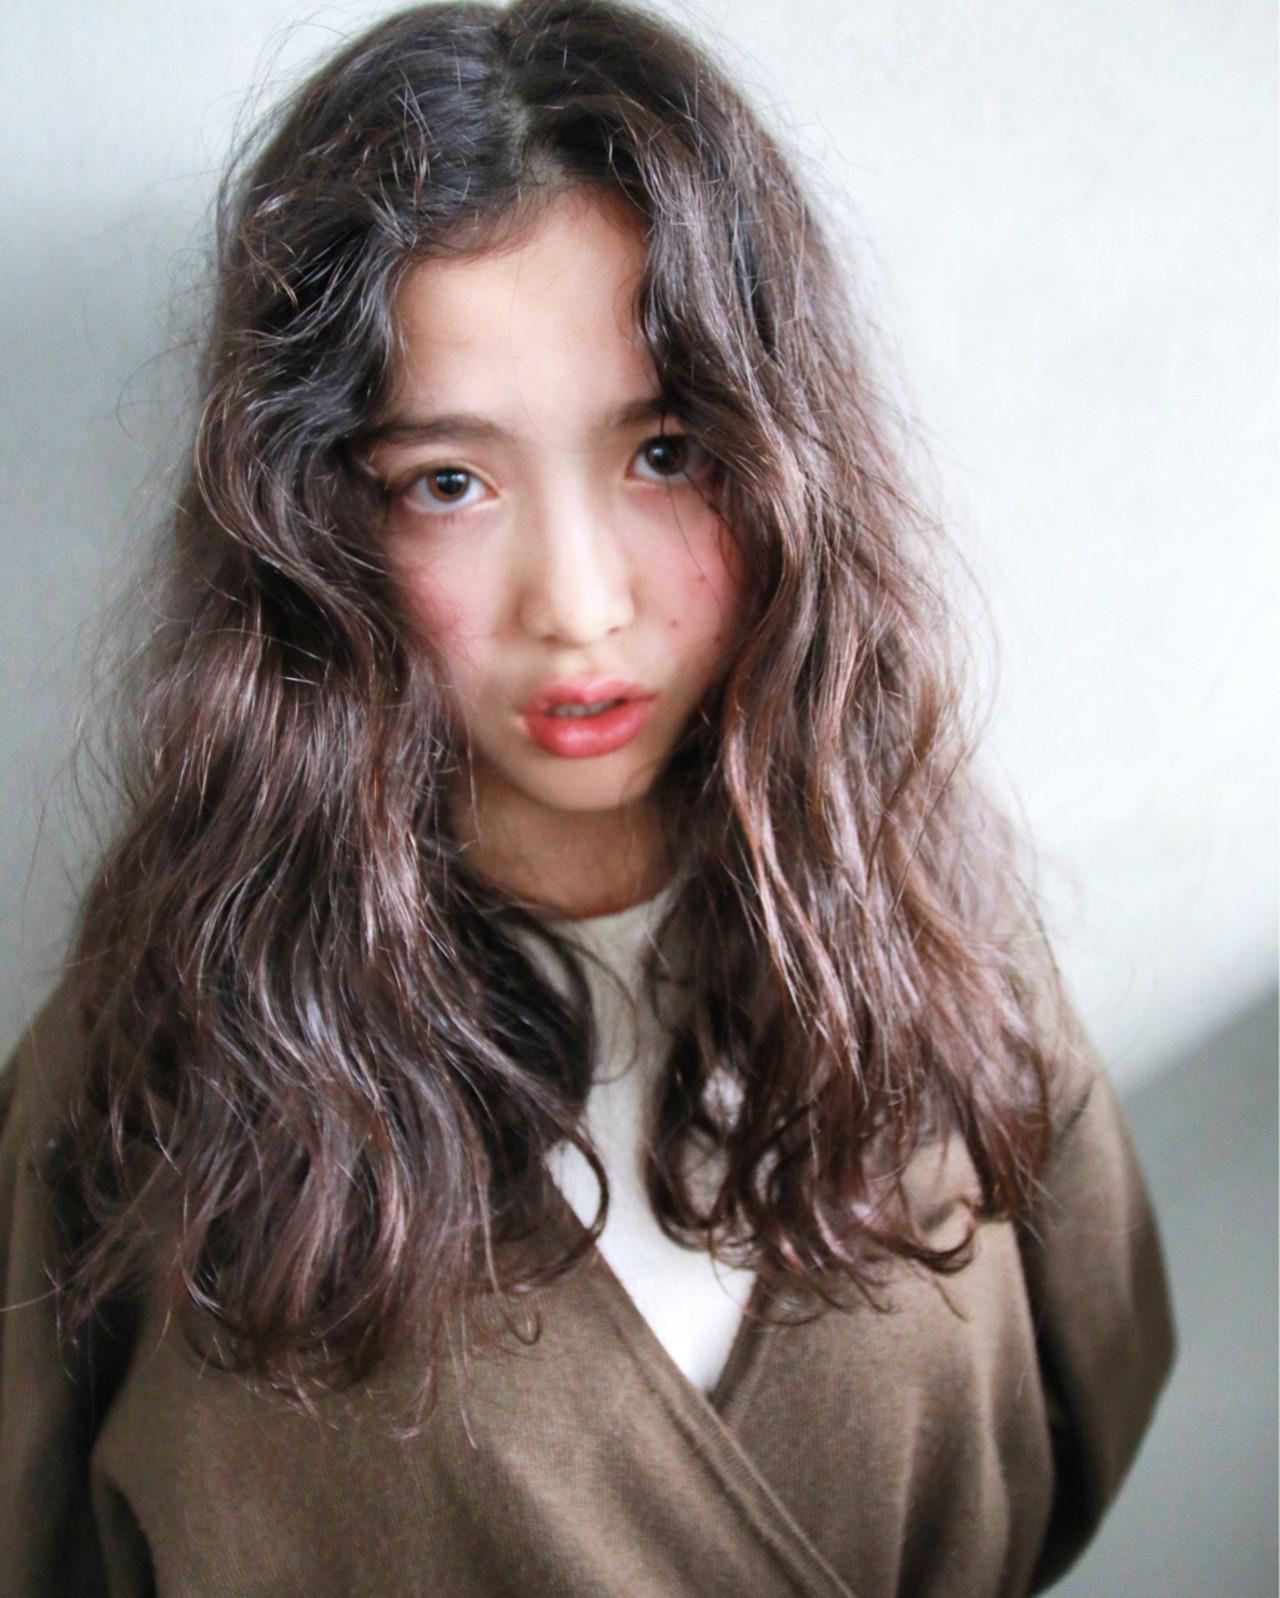 """曲線美に見惚れて。今、注目のヘアスタイルは""""うねうね""""ウェーブヘア♡ 津崎 伸二 / nanuk"""